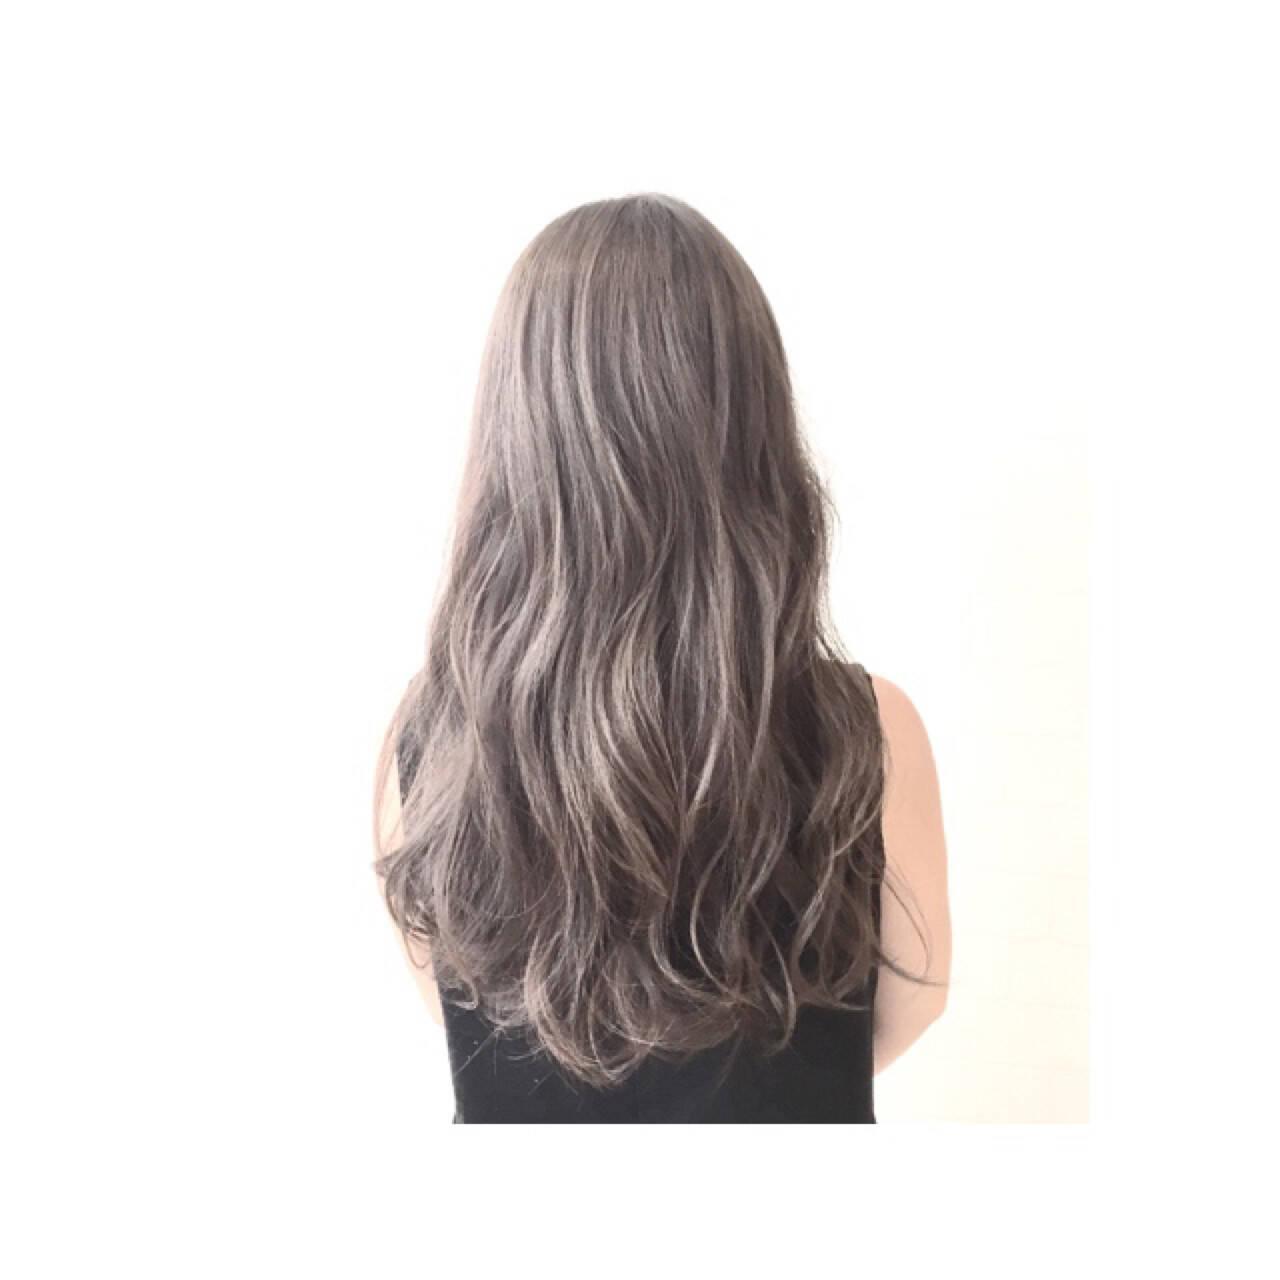 グラデーションカラー 暗髪 ハイライト アッシュヘアスタイルや髪型の写真・画像